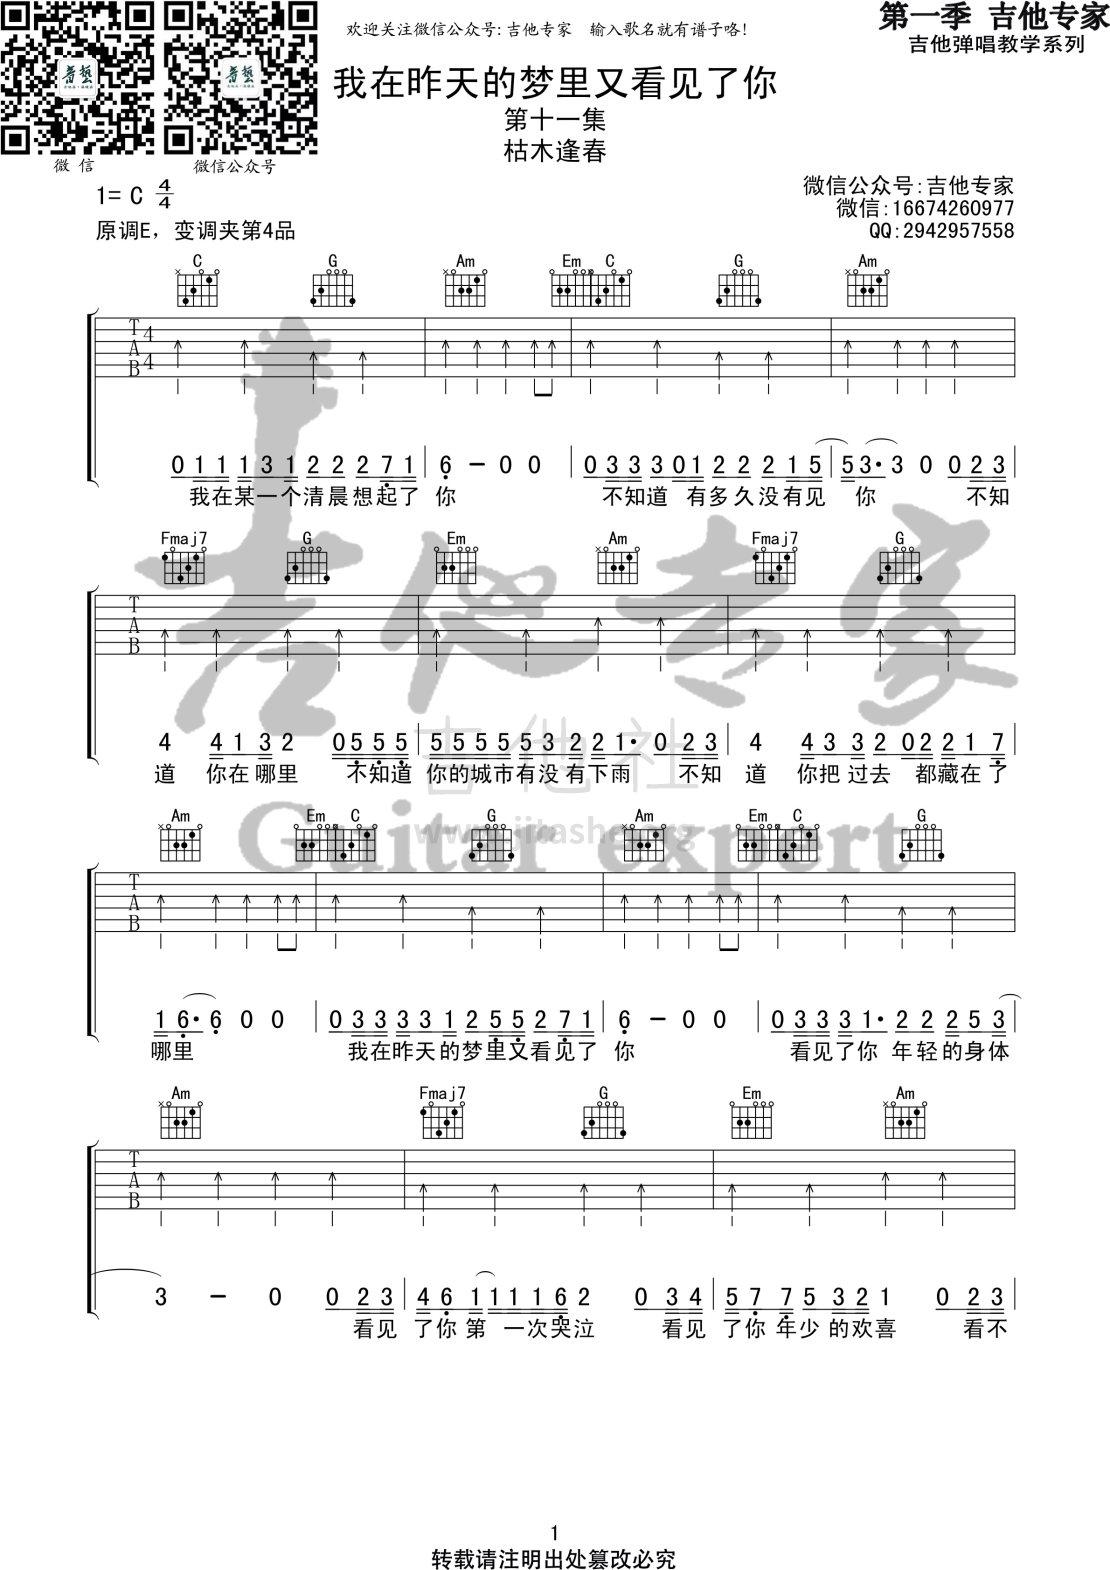 我在昨天的梦里又看见了你(音艺吉他专家弹唱教学:第一季第11集)吉他谱(图片谱,弹唱,伴奏,教程)_枯木逢春_我在昨天的梦里又看见了你1 第一季第十一集.jpg